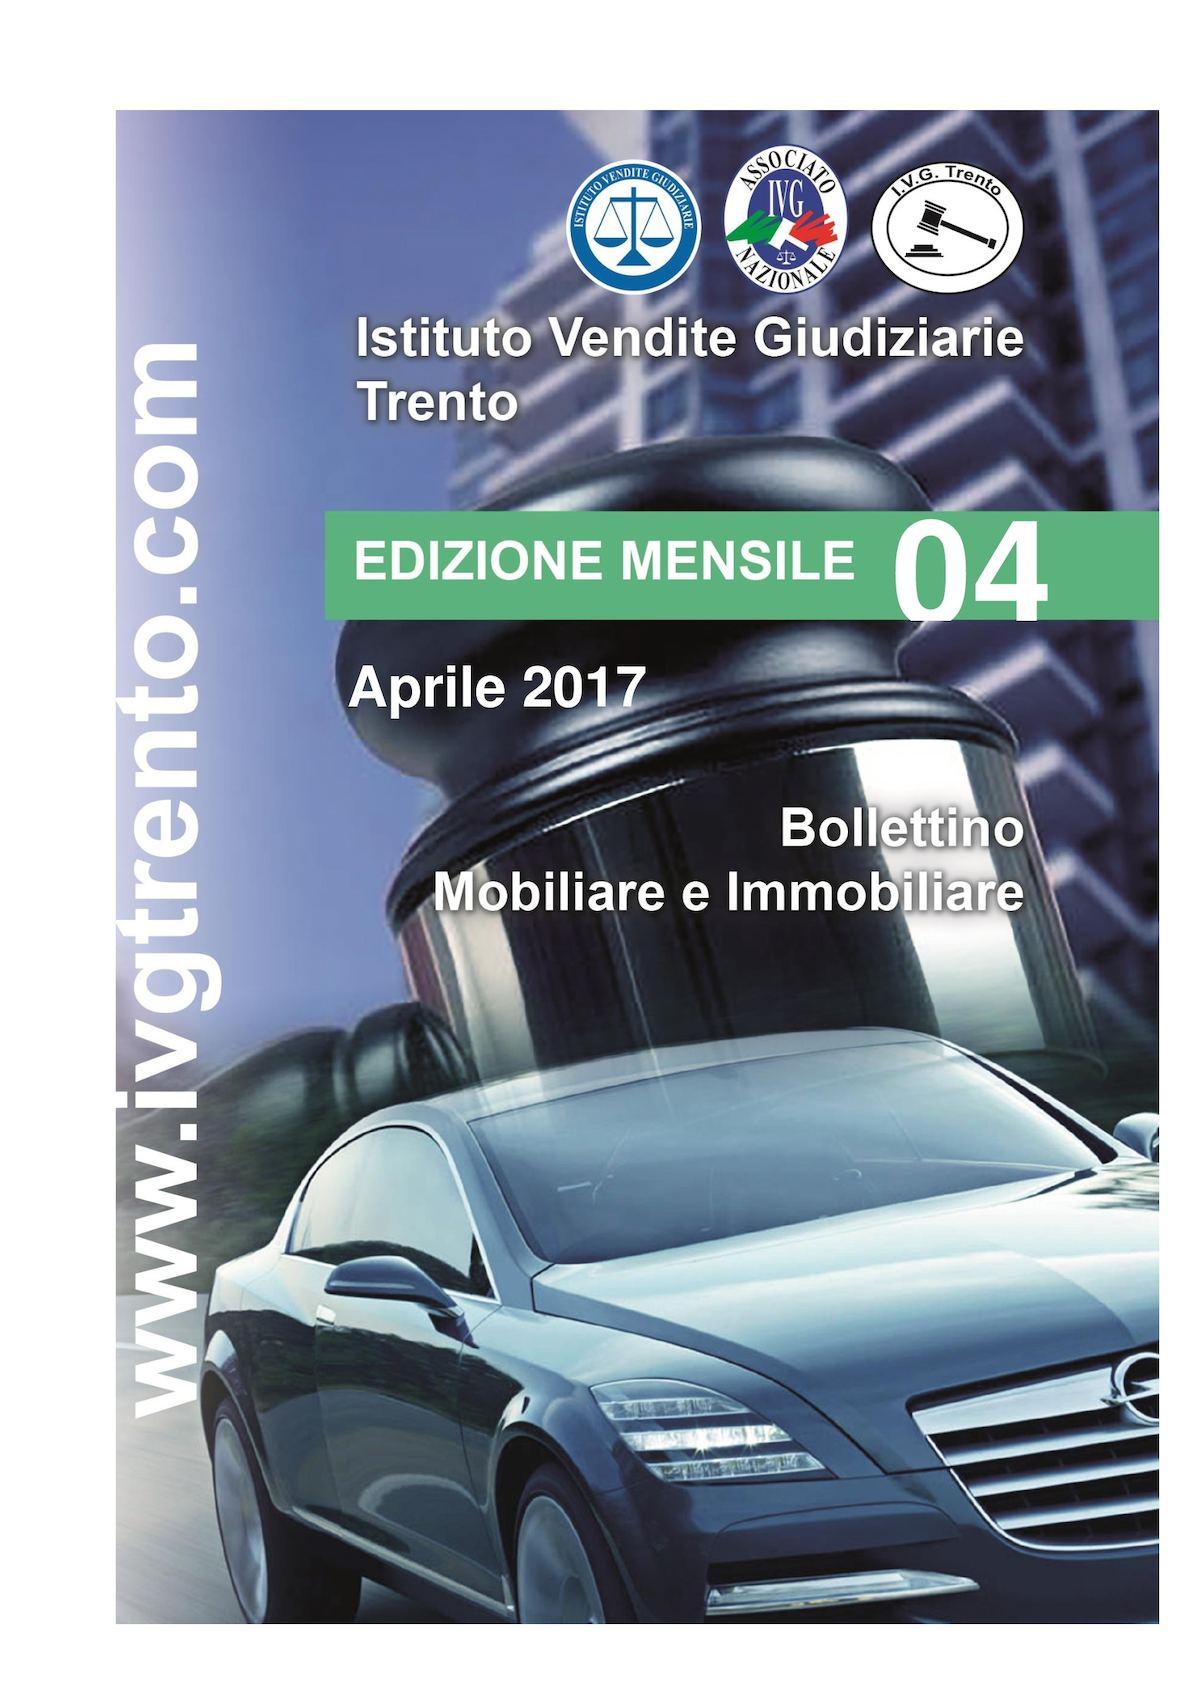 Batteria Coppia Morsetti Modello Auto Elettrico Europa wh 12//13mm